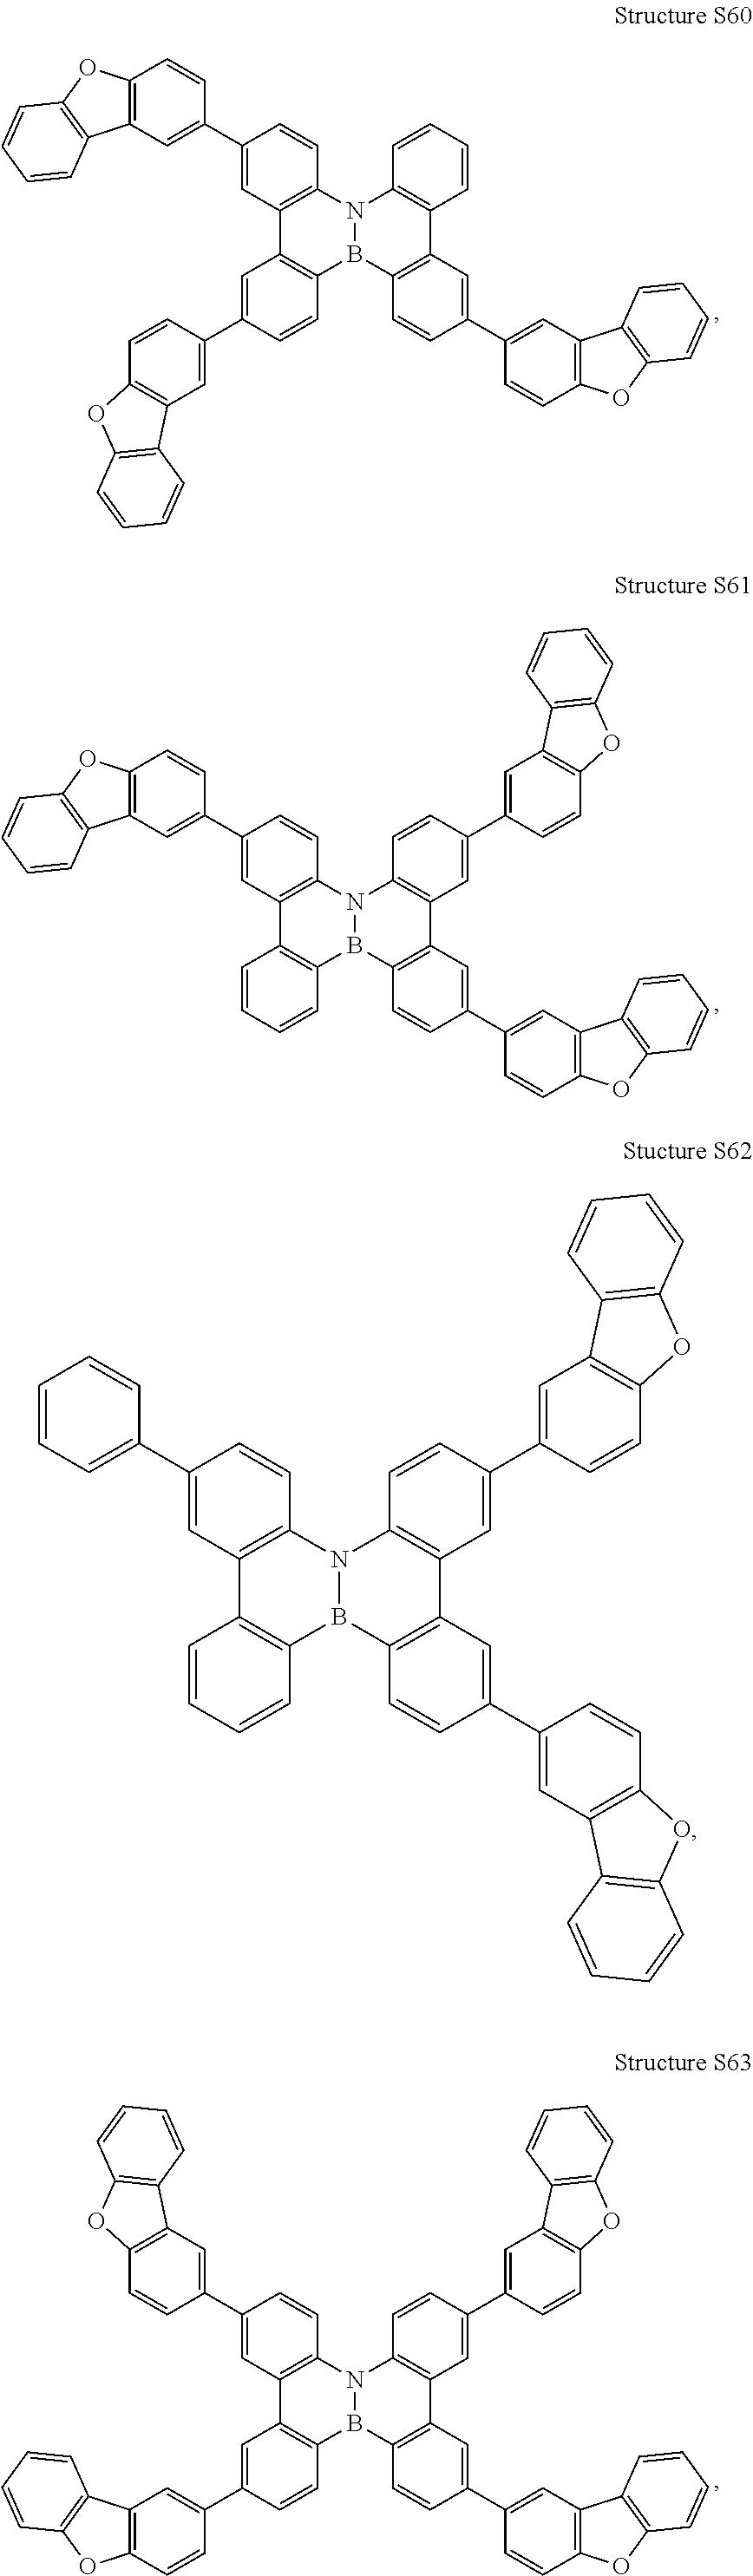 Figure US09871212-20180116-C00101